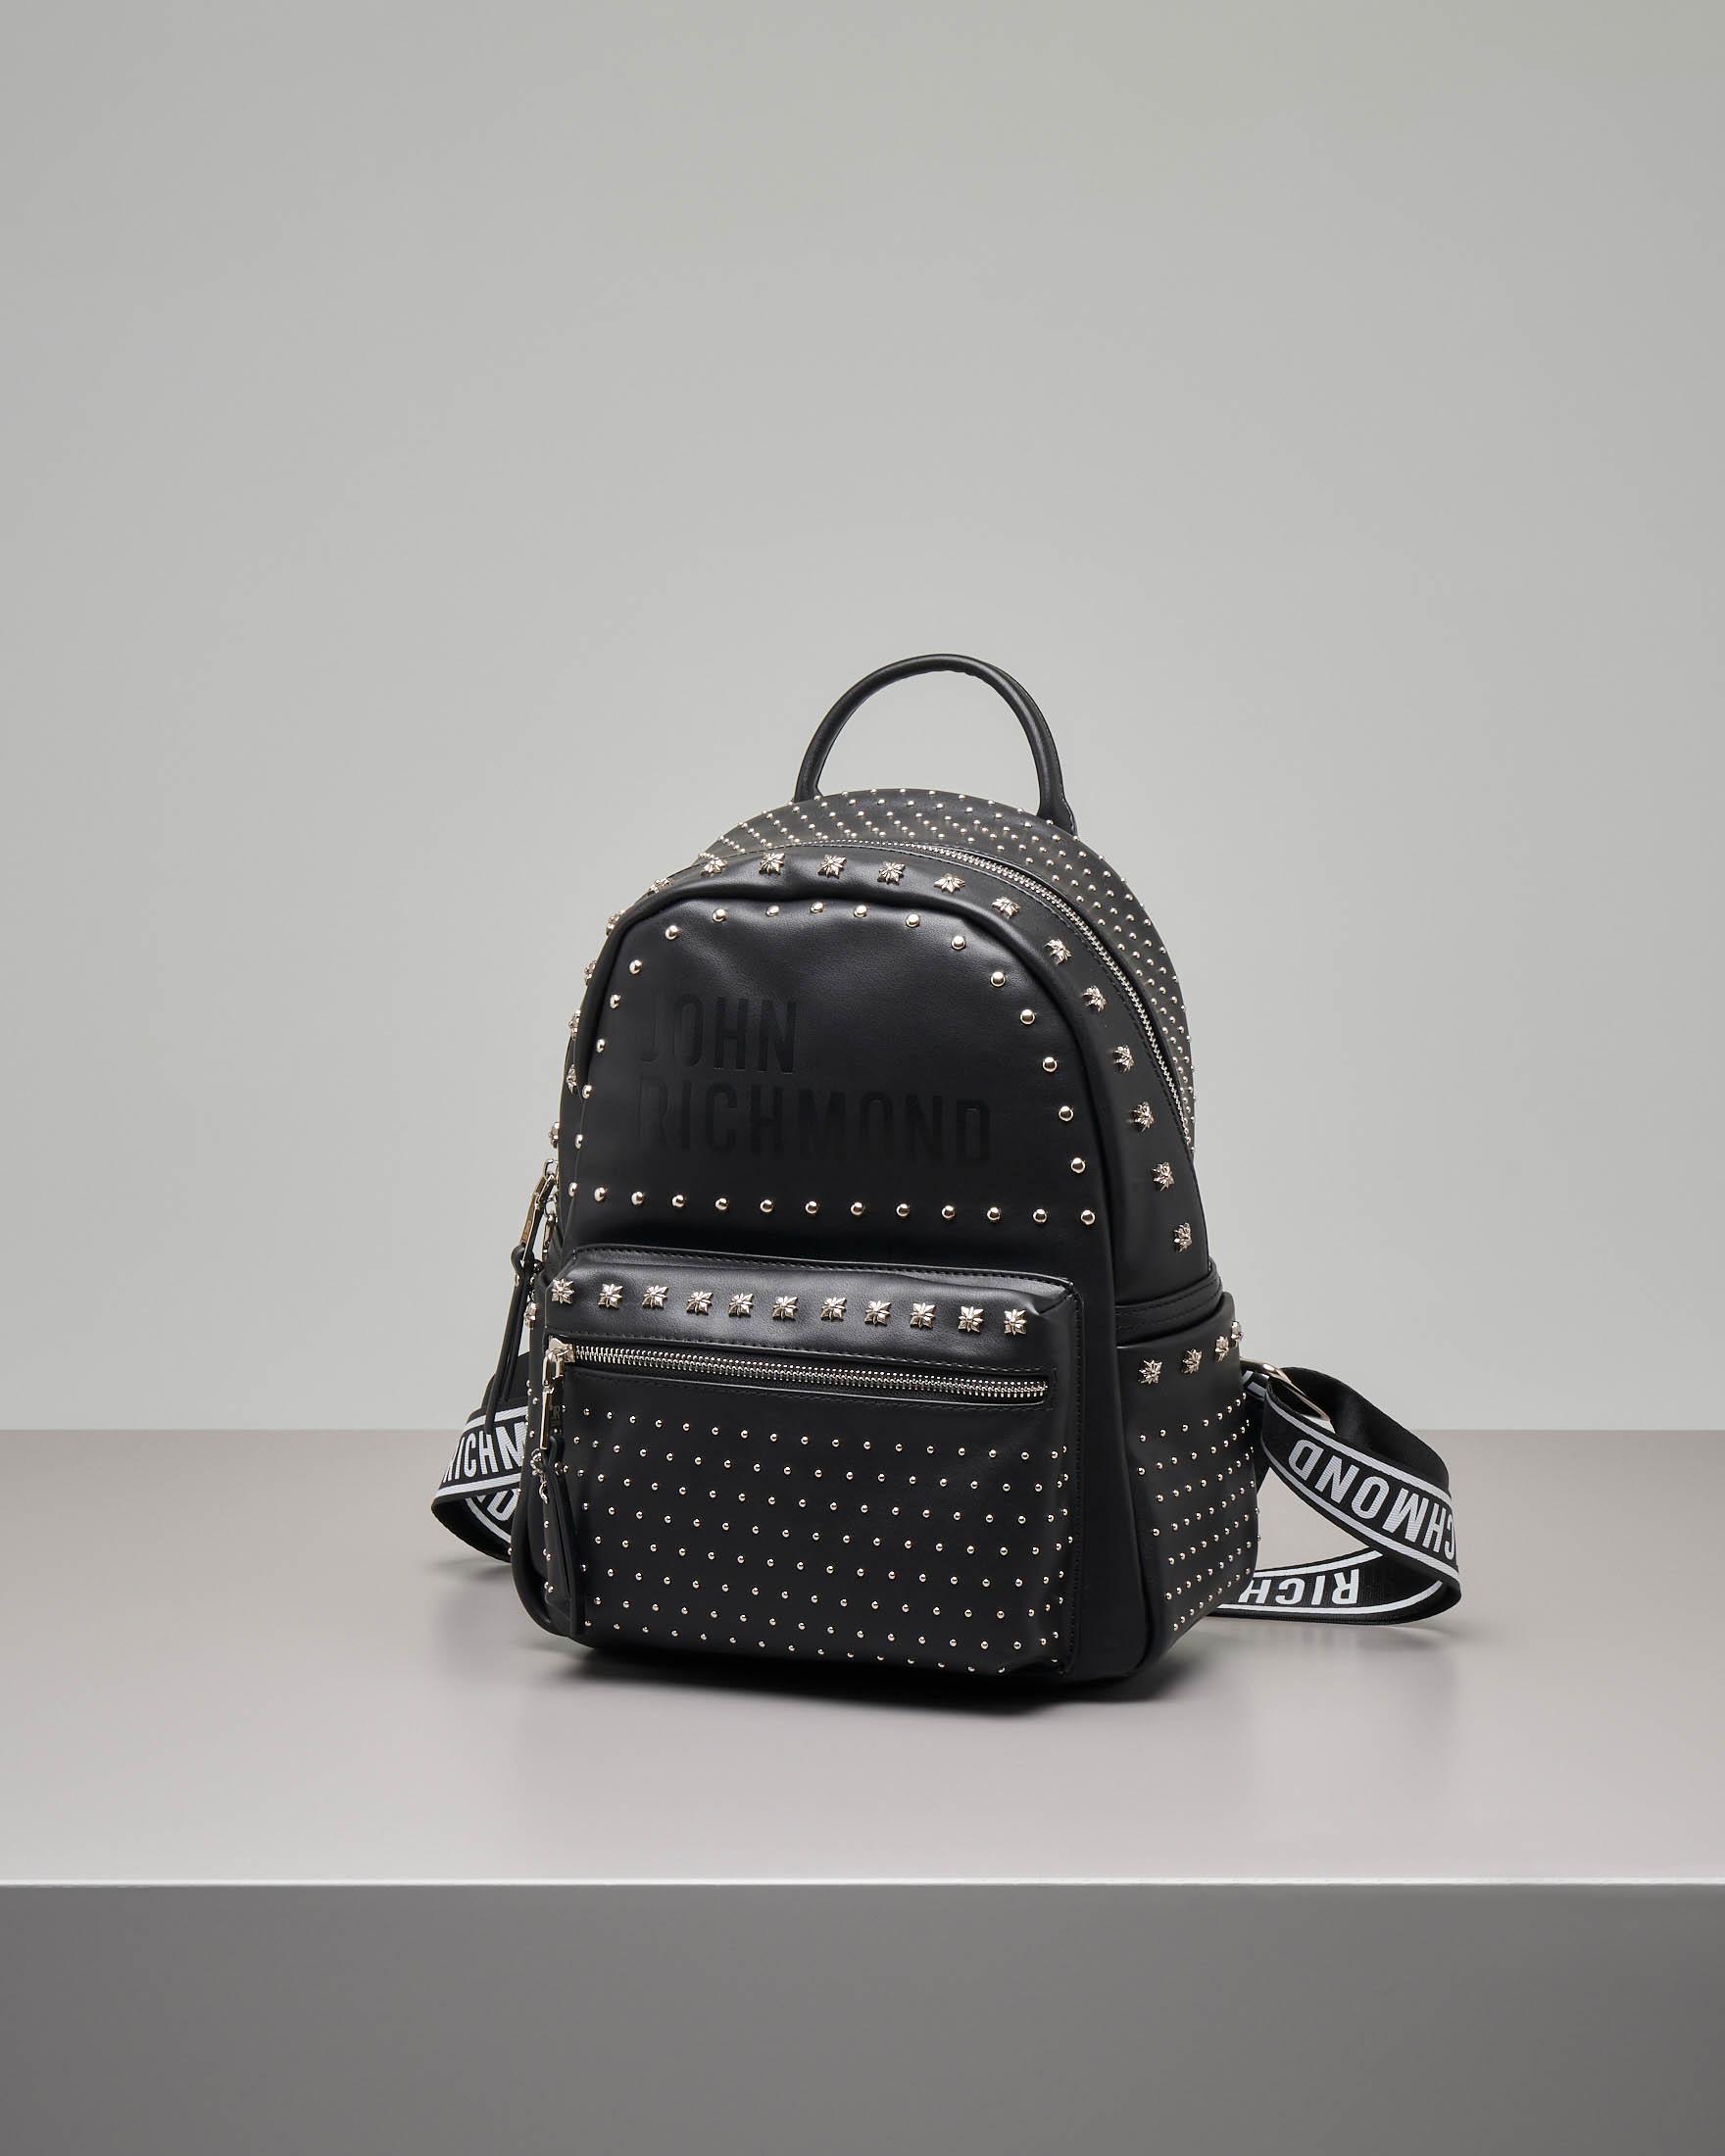 Zaino nero con borchie